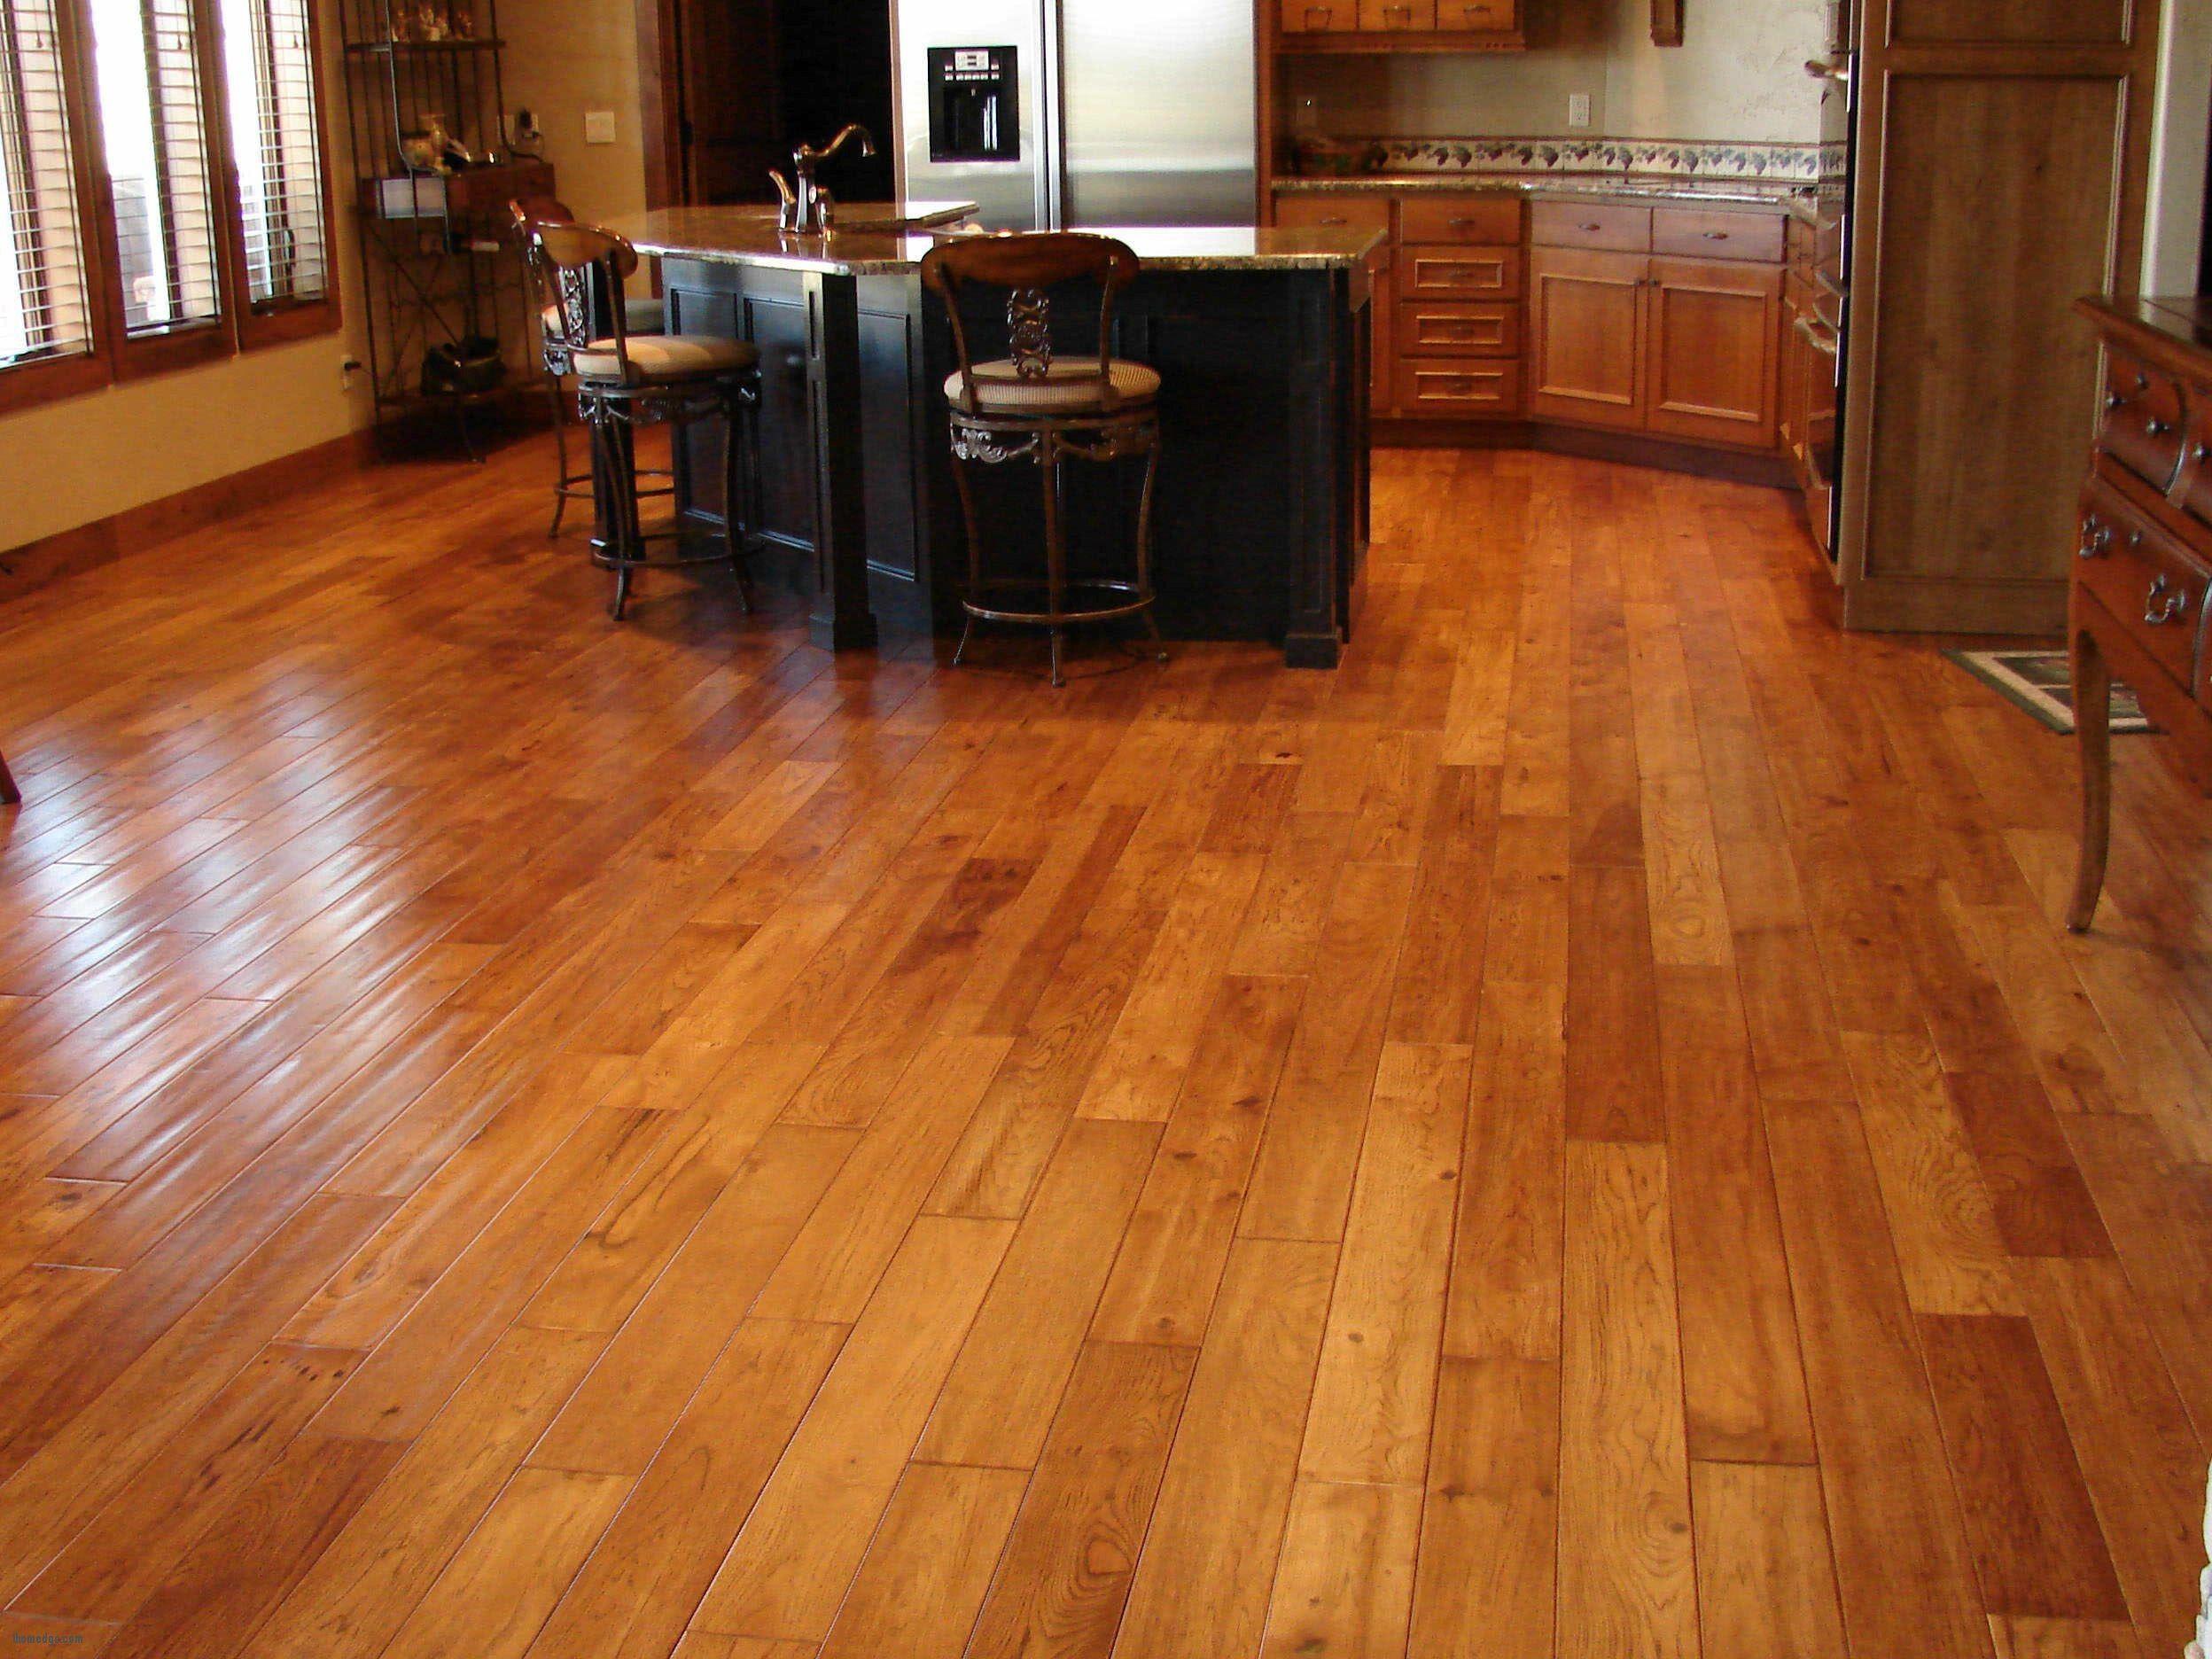 Design Wood Flooring Cost best beautiful waterproof laminate flooring cost vinyl wood sheet waterproof